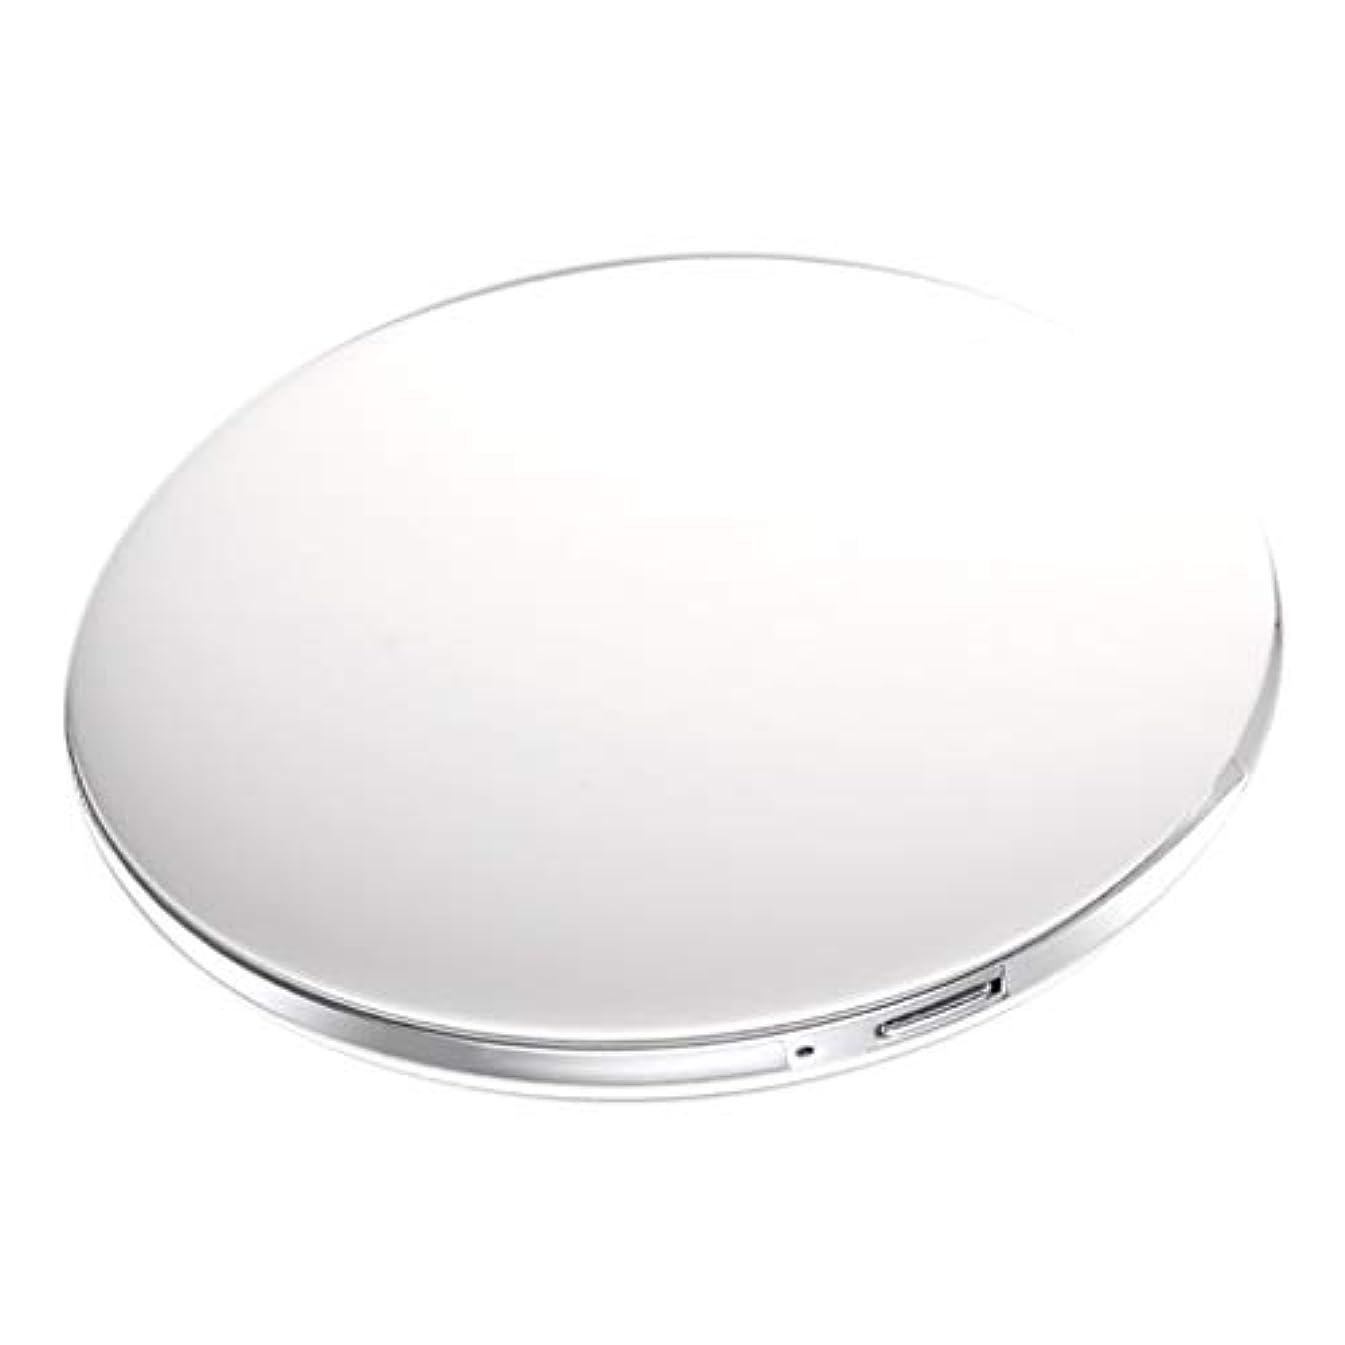 植木デコラティブ神学校コンパクトミラー 拡大鏡付き 3倍 LED付き 化粧鏡 携帯ミラー 化粧鏡 手持式 持ち運び 全5色 - 白